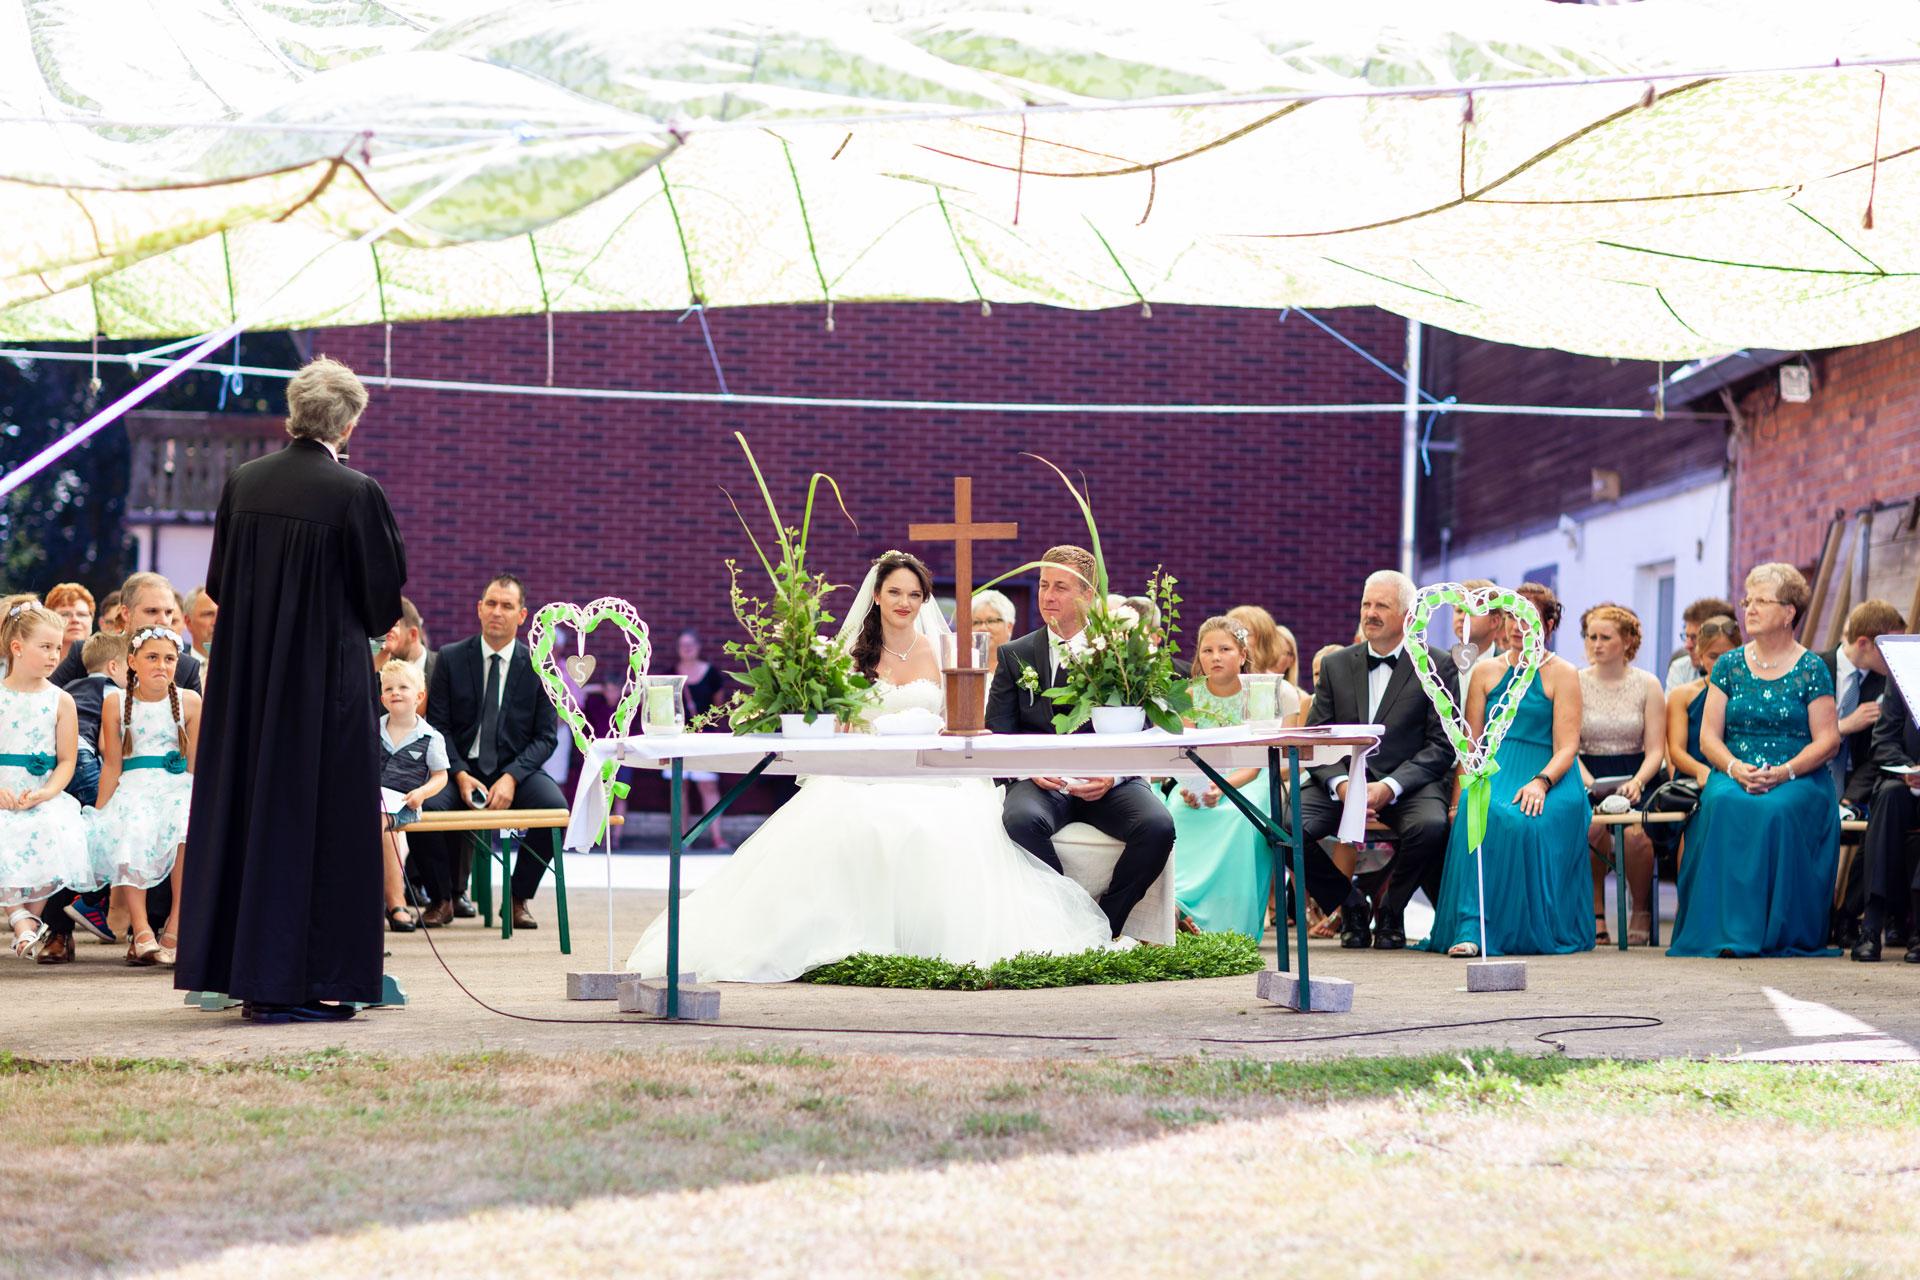 Katharina und Stefan - Hochzeit in Lübbrechtsen/Elze